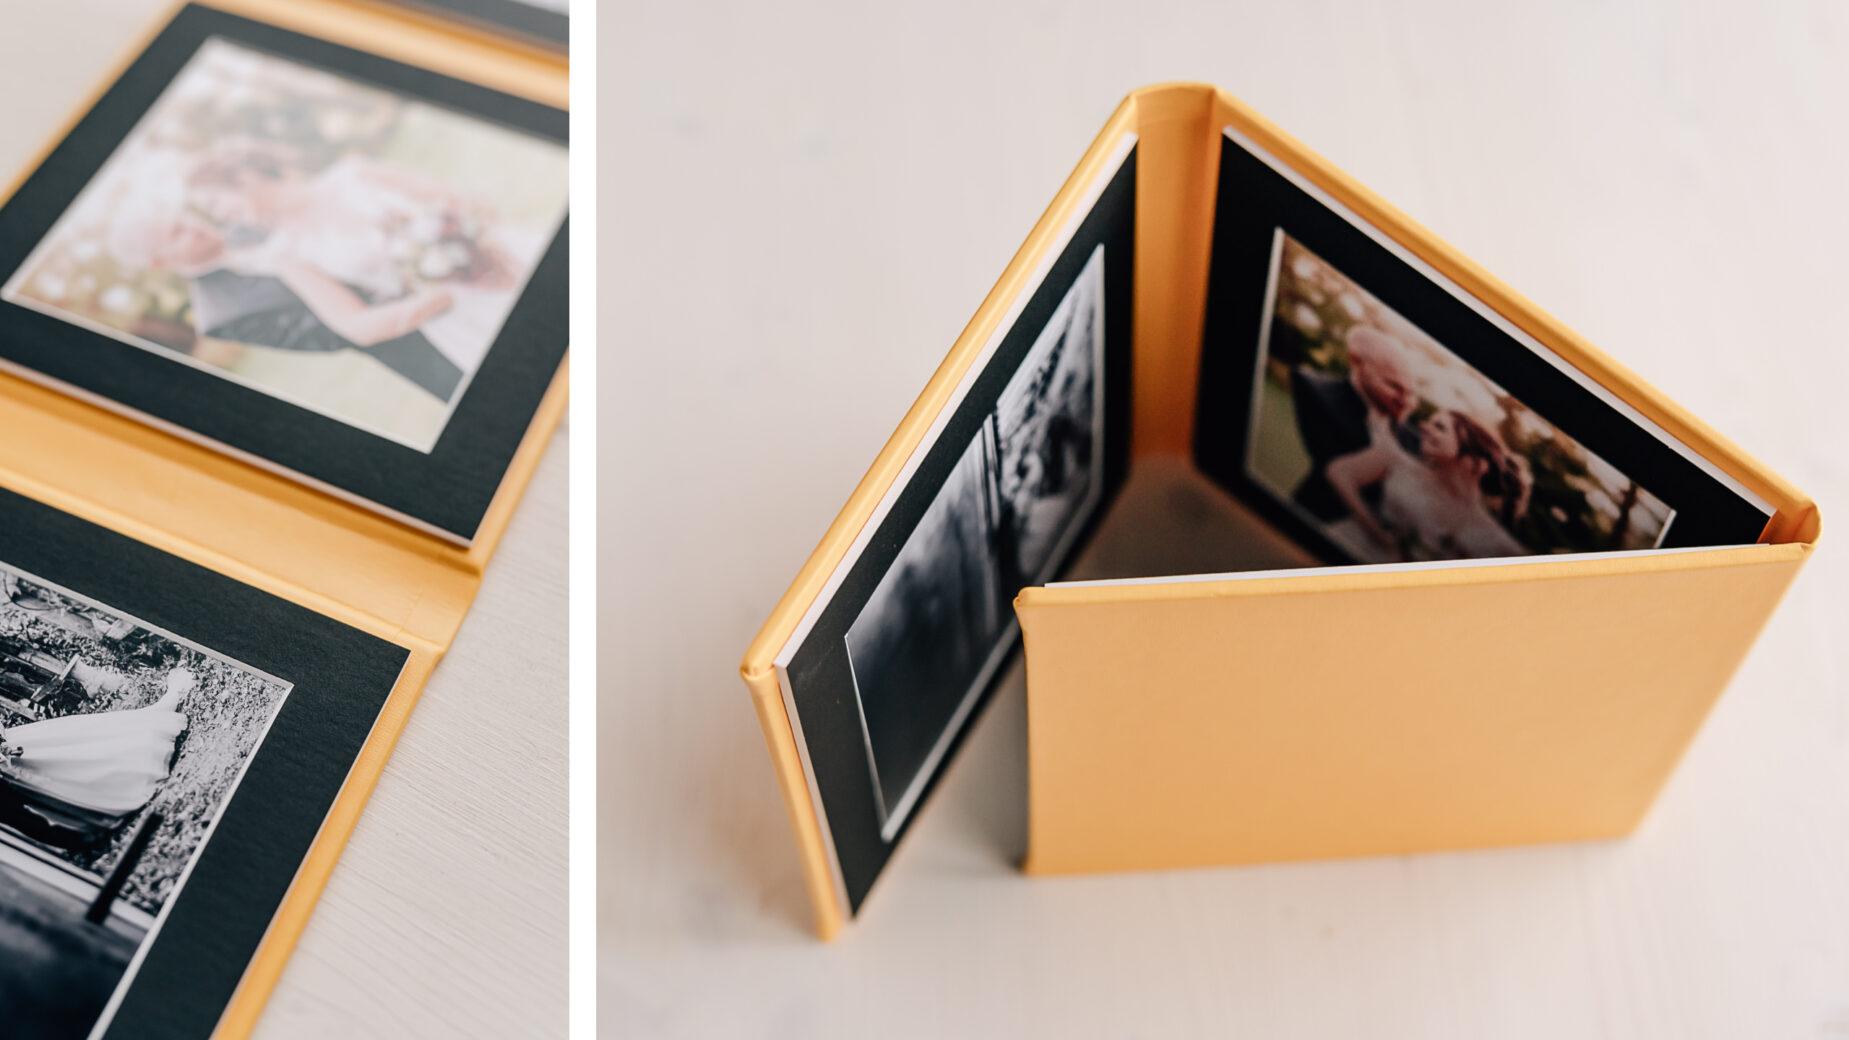 Mica Zeitz Hochzeitsfotografin - hochwertige Printprodukte und Hochzeitsbücher - Triplex 3er Foto Aufsteller